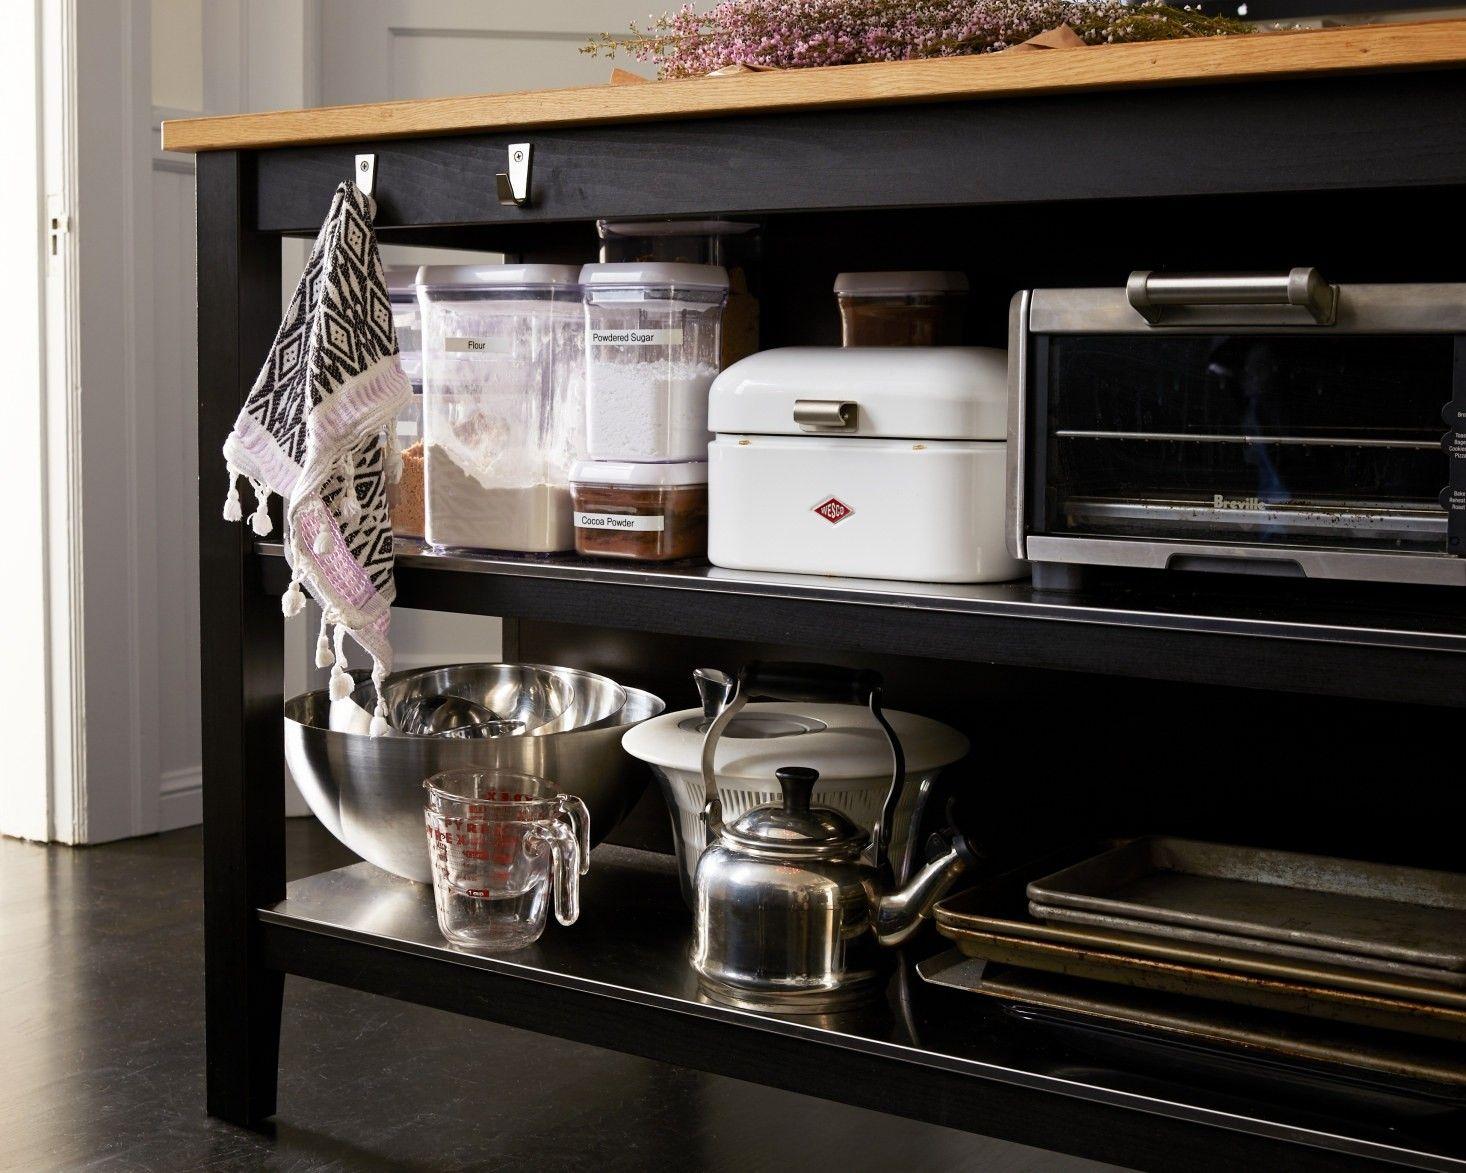 Mobili Bassi Cucina Ikea pin di gabri martinelli su la mia cucina (con immagini) | cucine